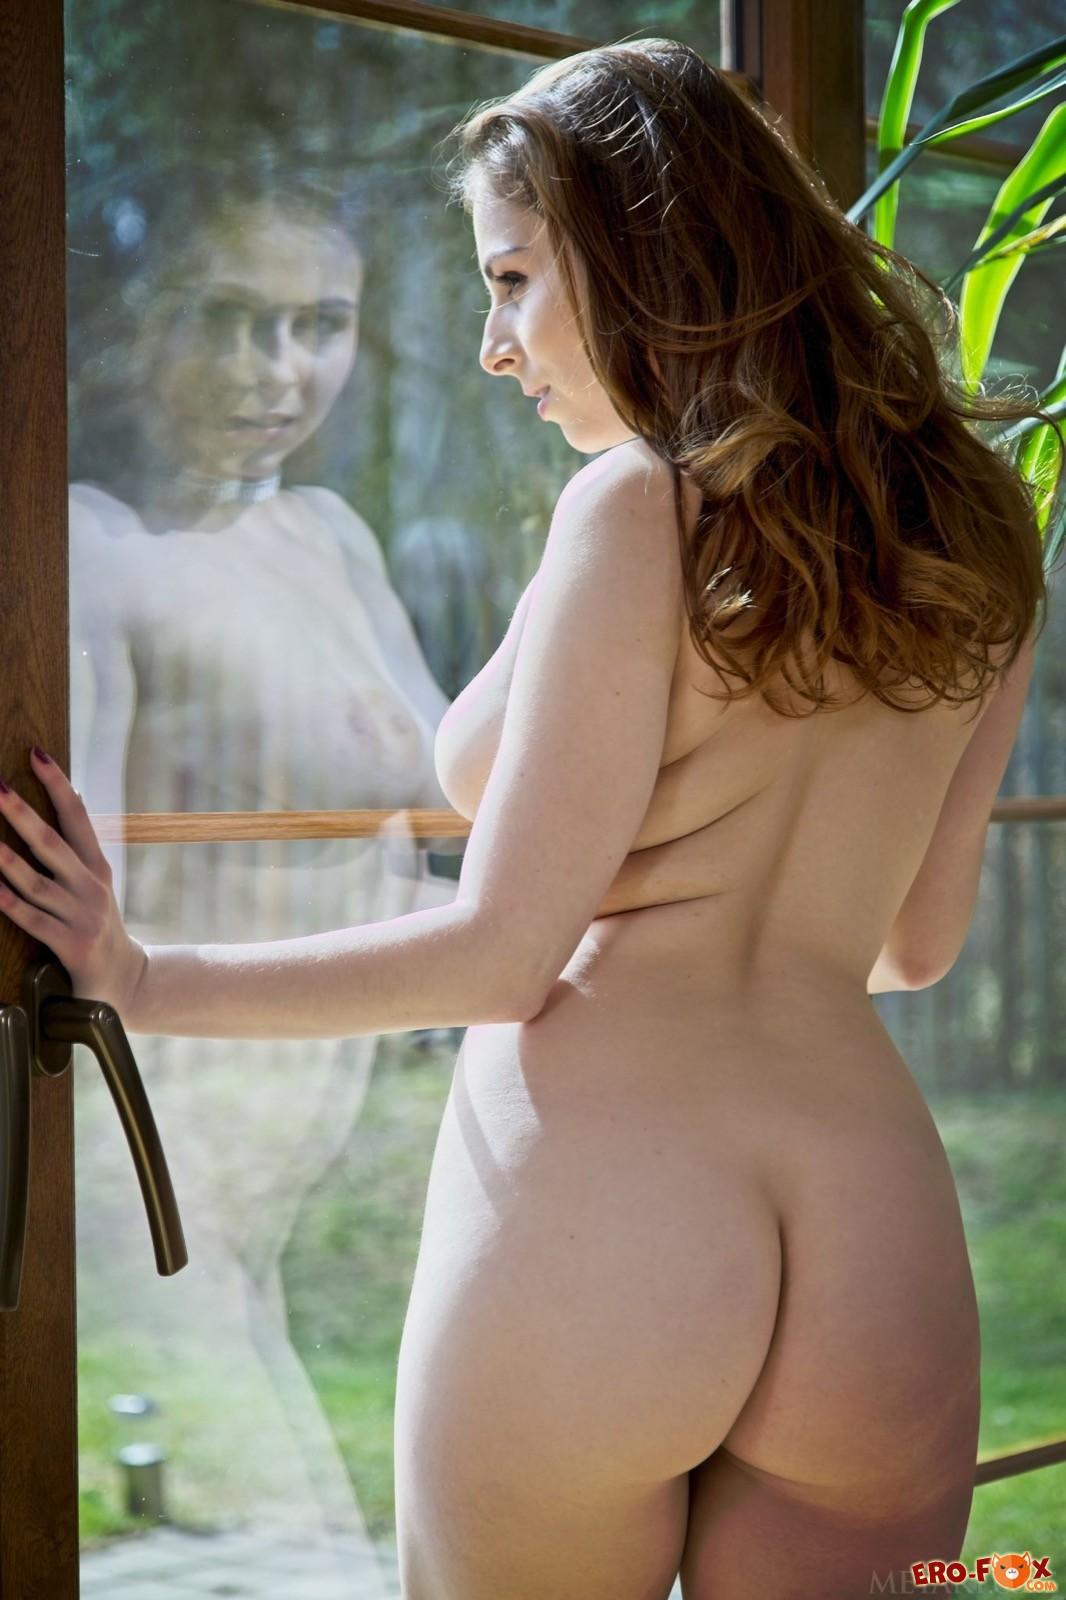 Аппетитная голая девушка с большими формами - фото